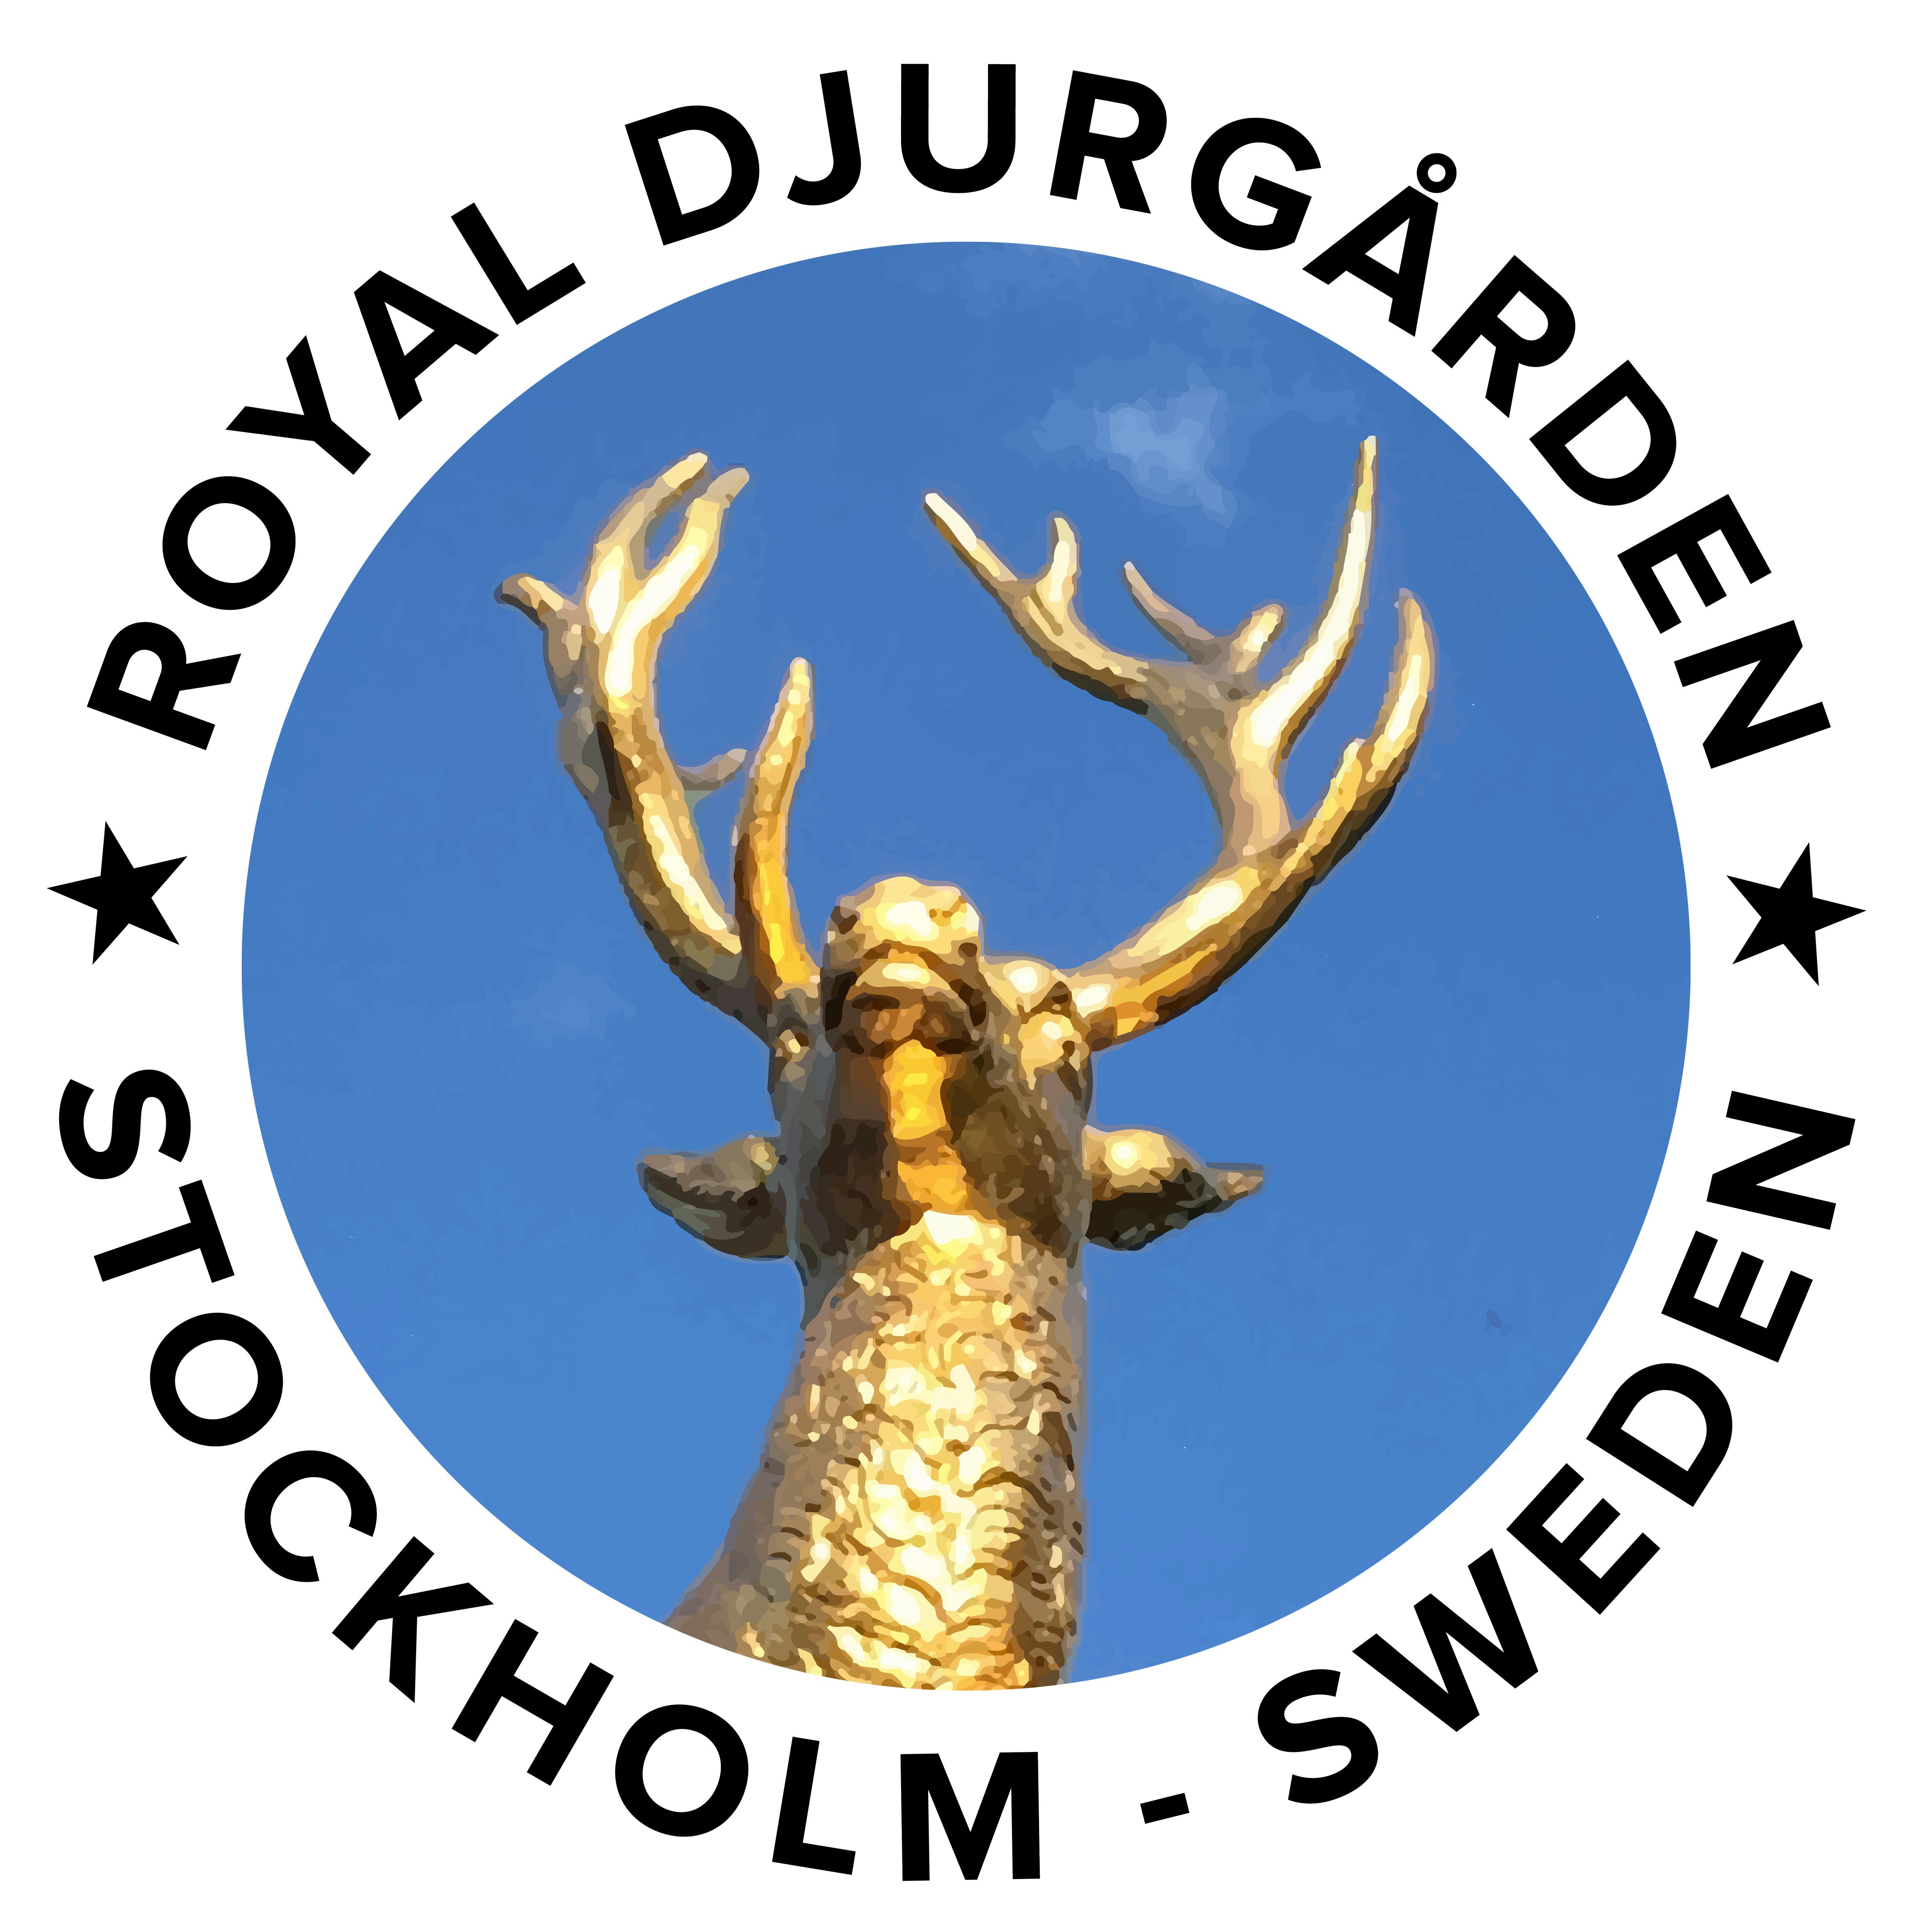 Royal Djurgården - copertina